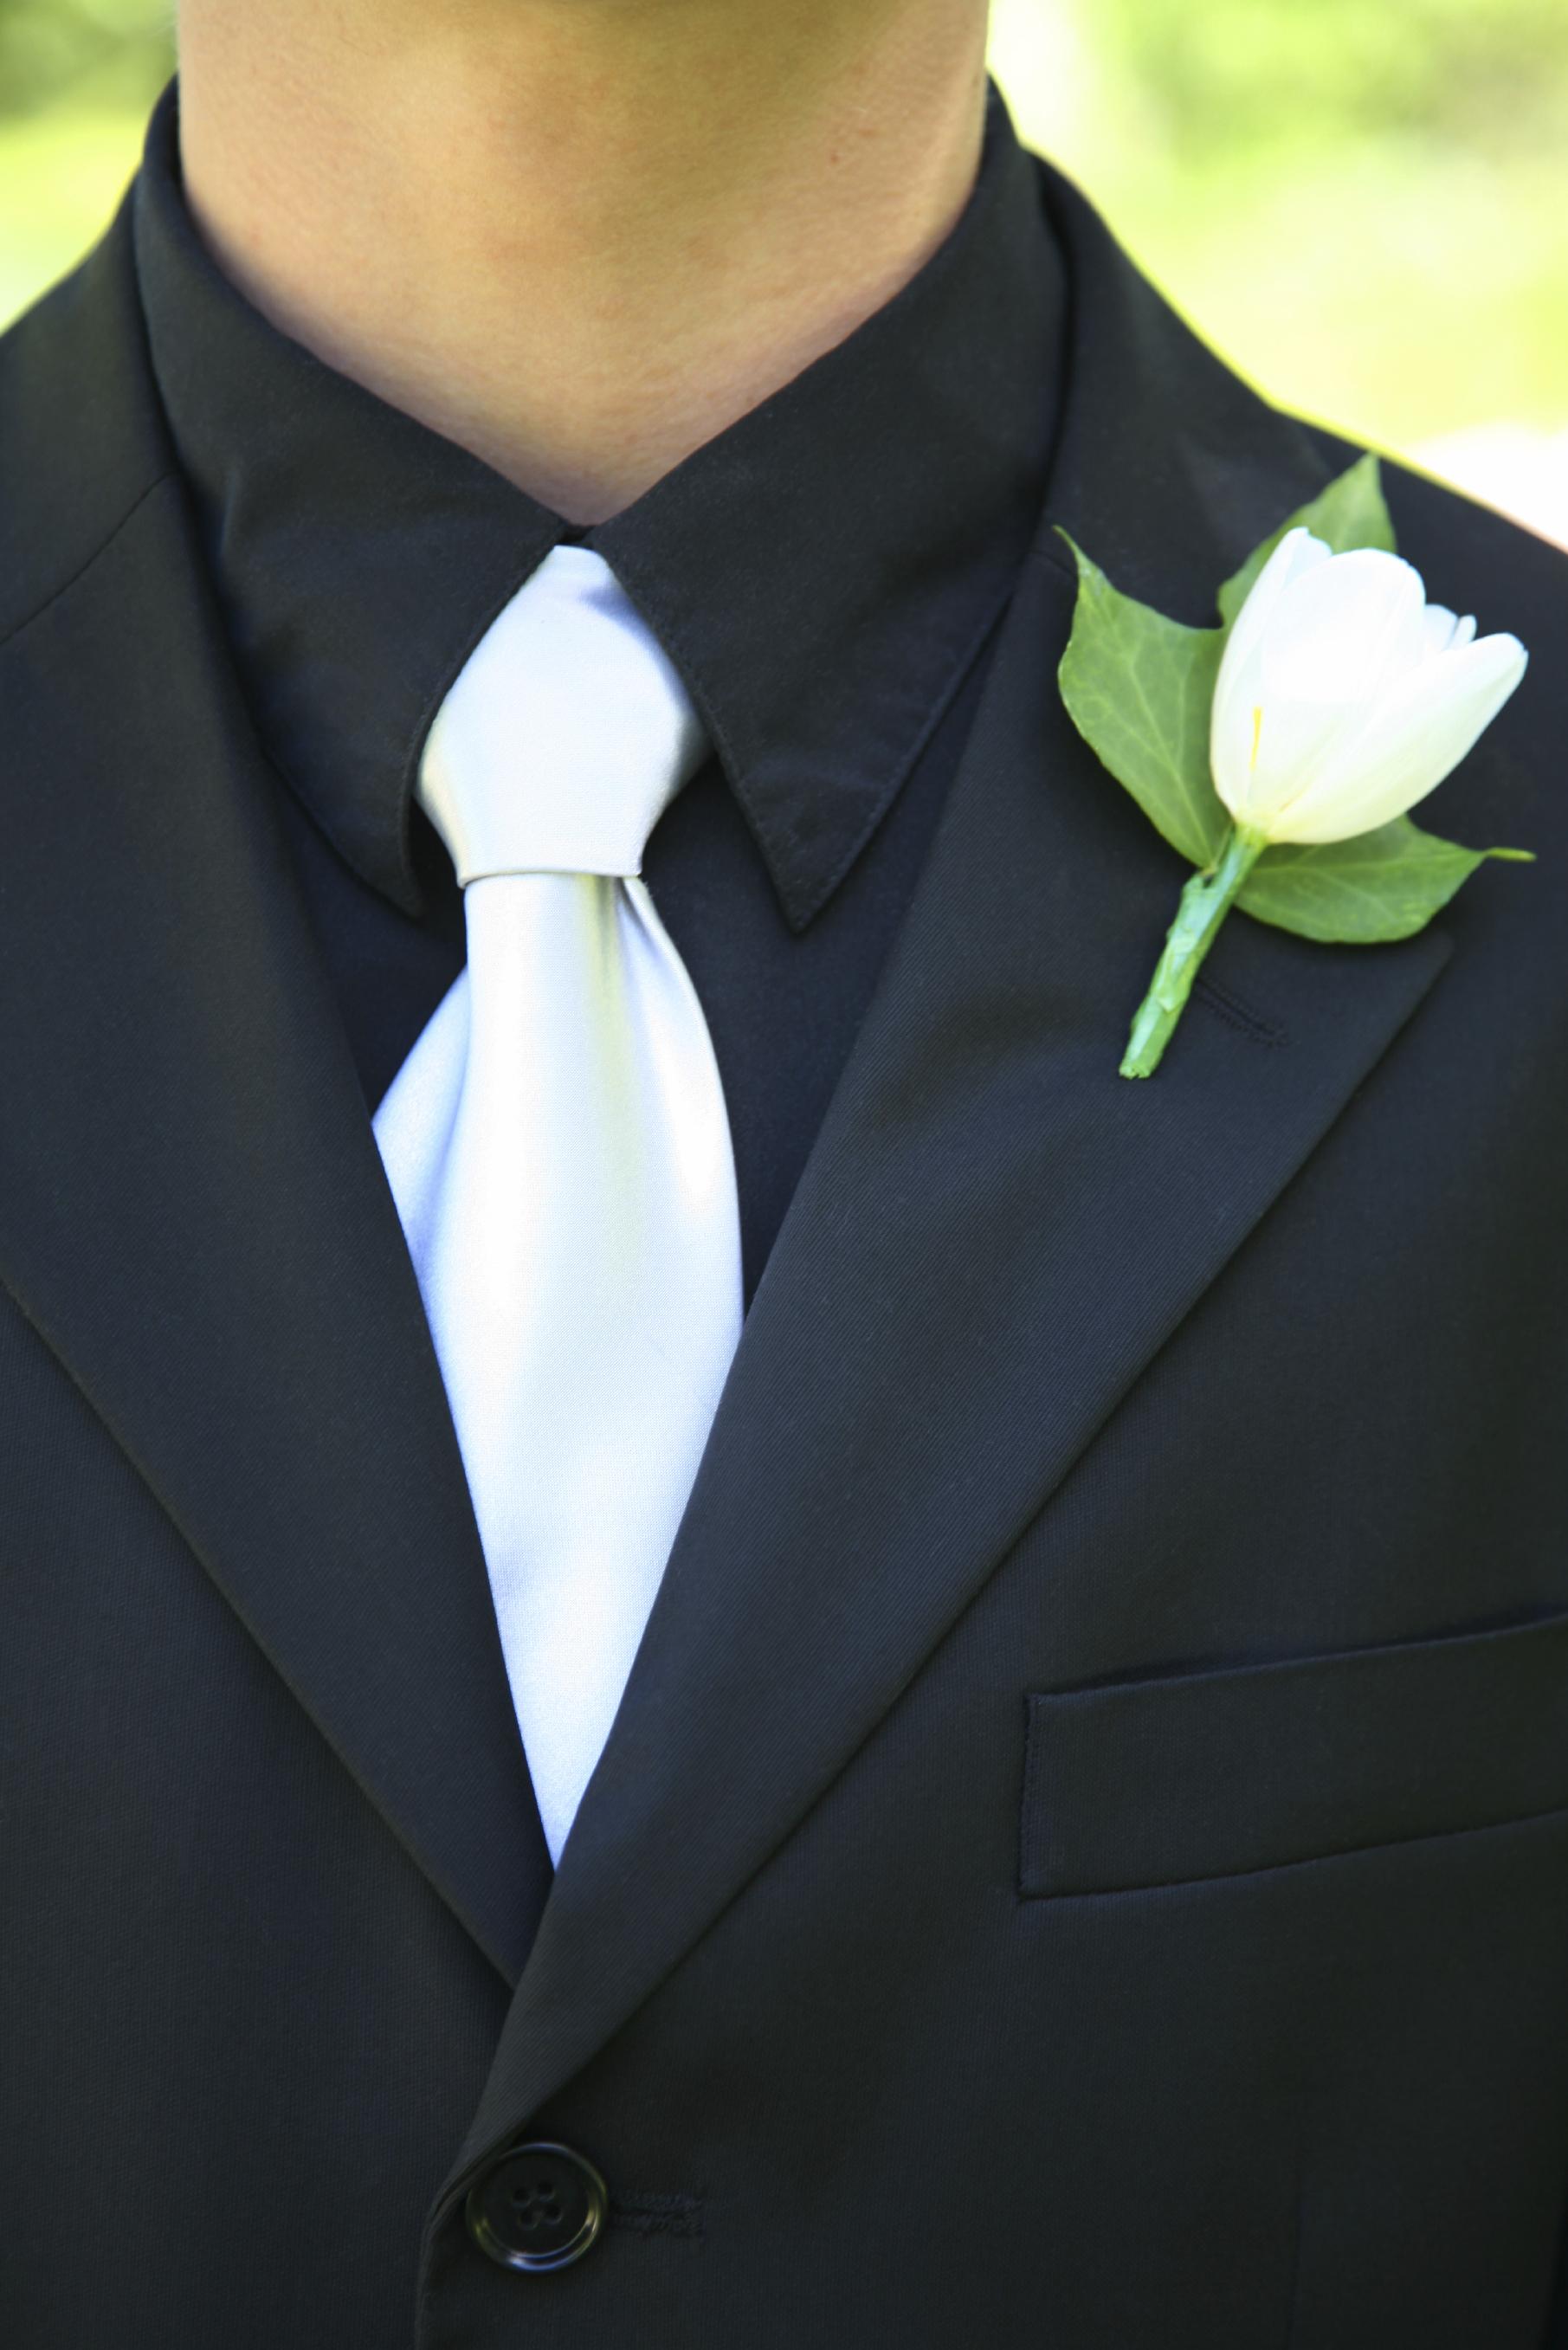 klädkod begravning man